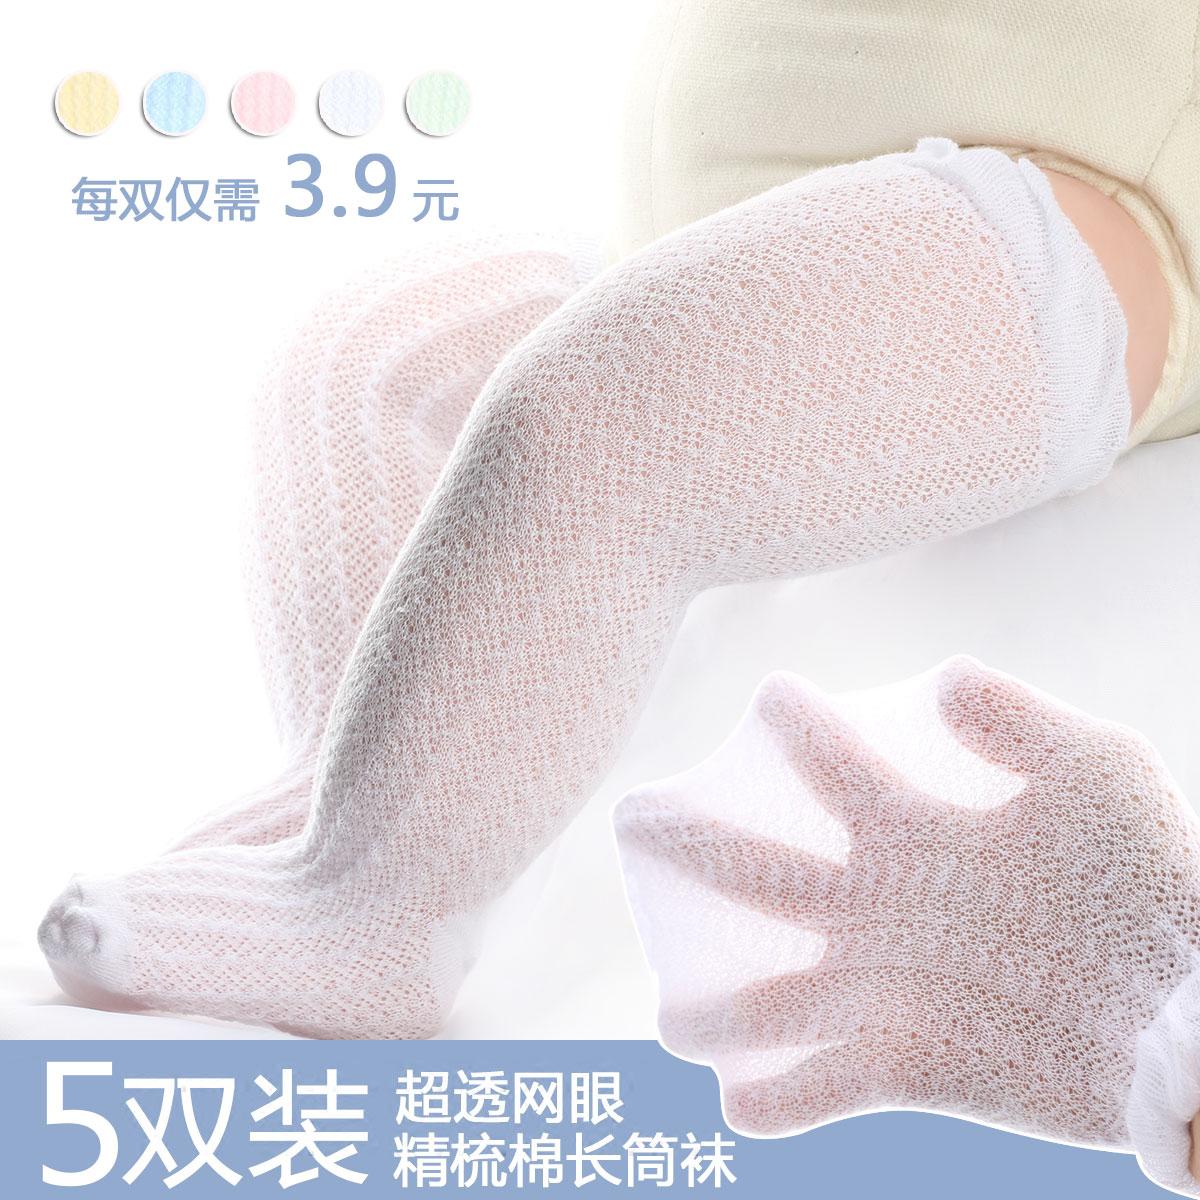 夏季网眼超薄款男女童婴儿长筒袜松口中筒袜宝宝过膝空调防蚊袜子